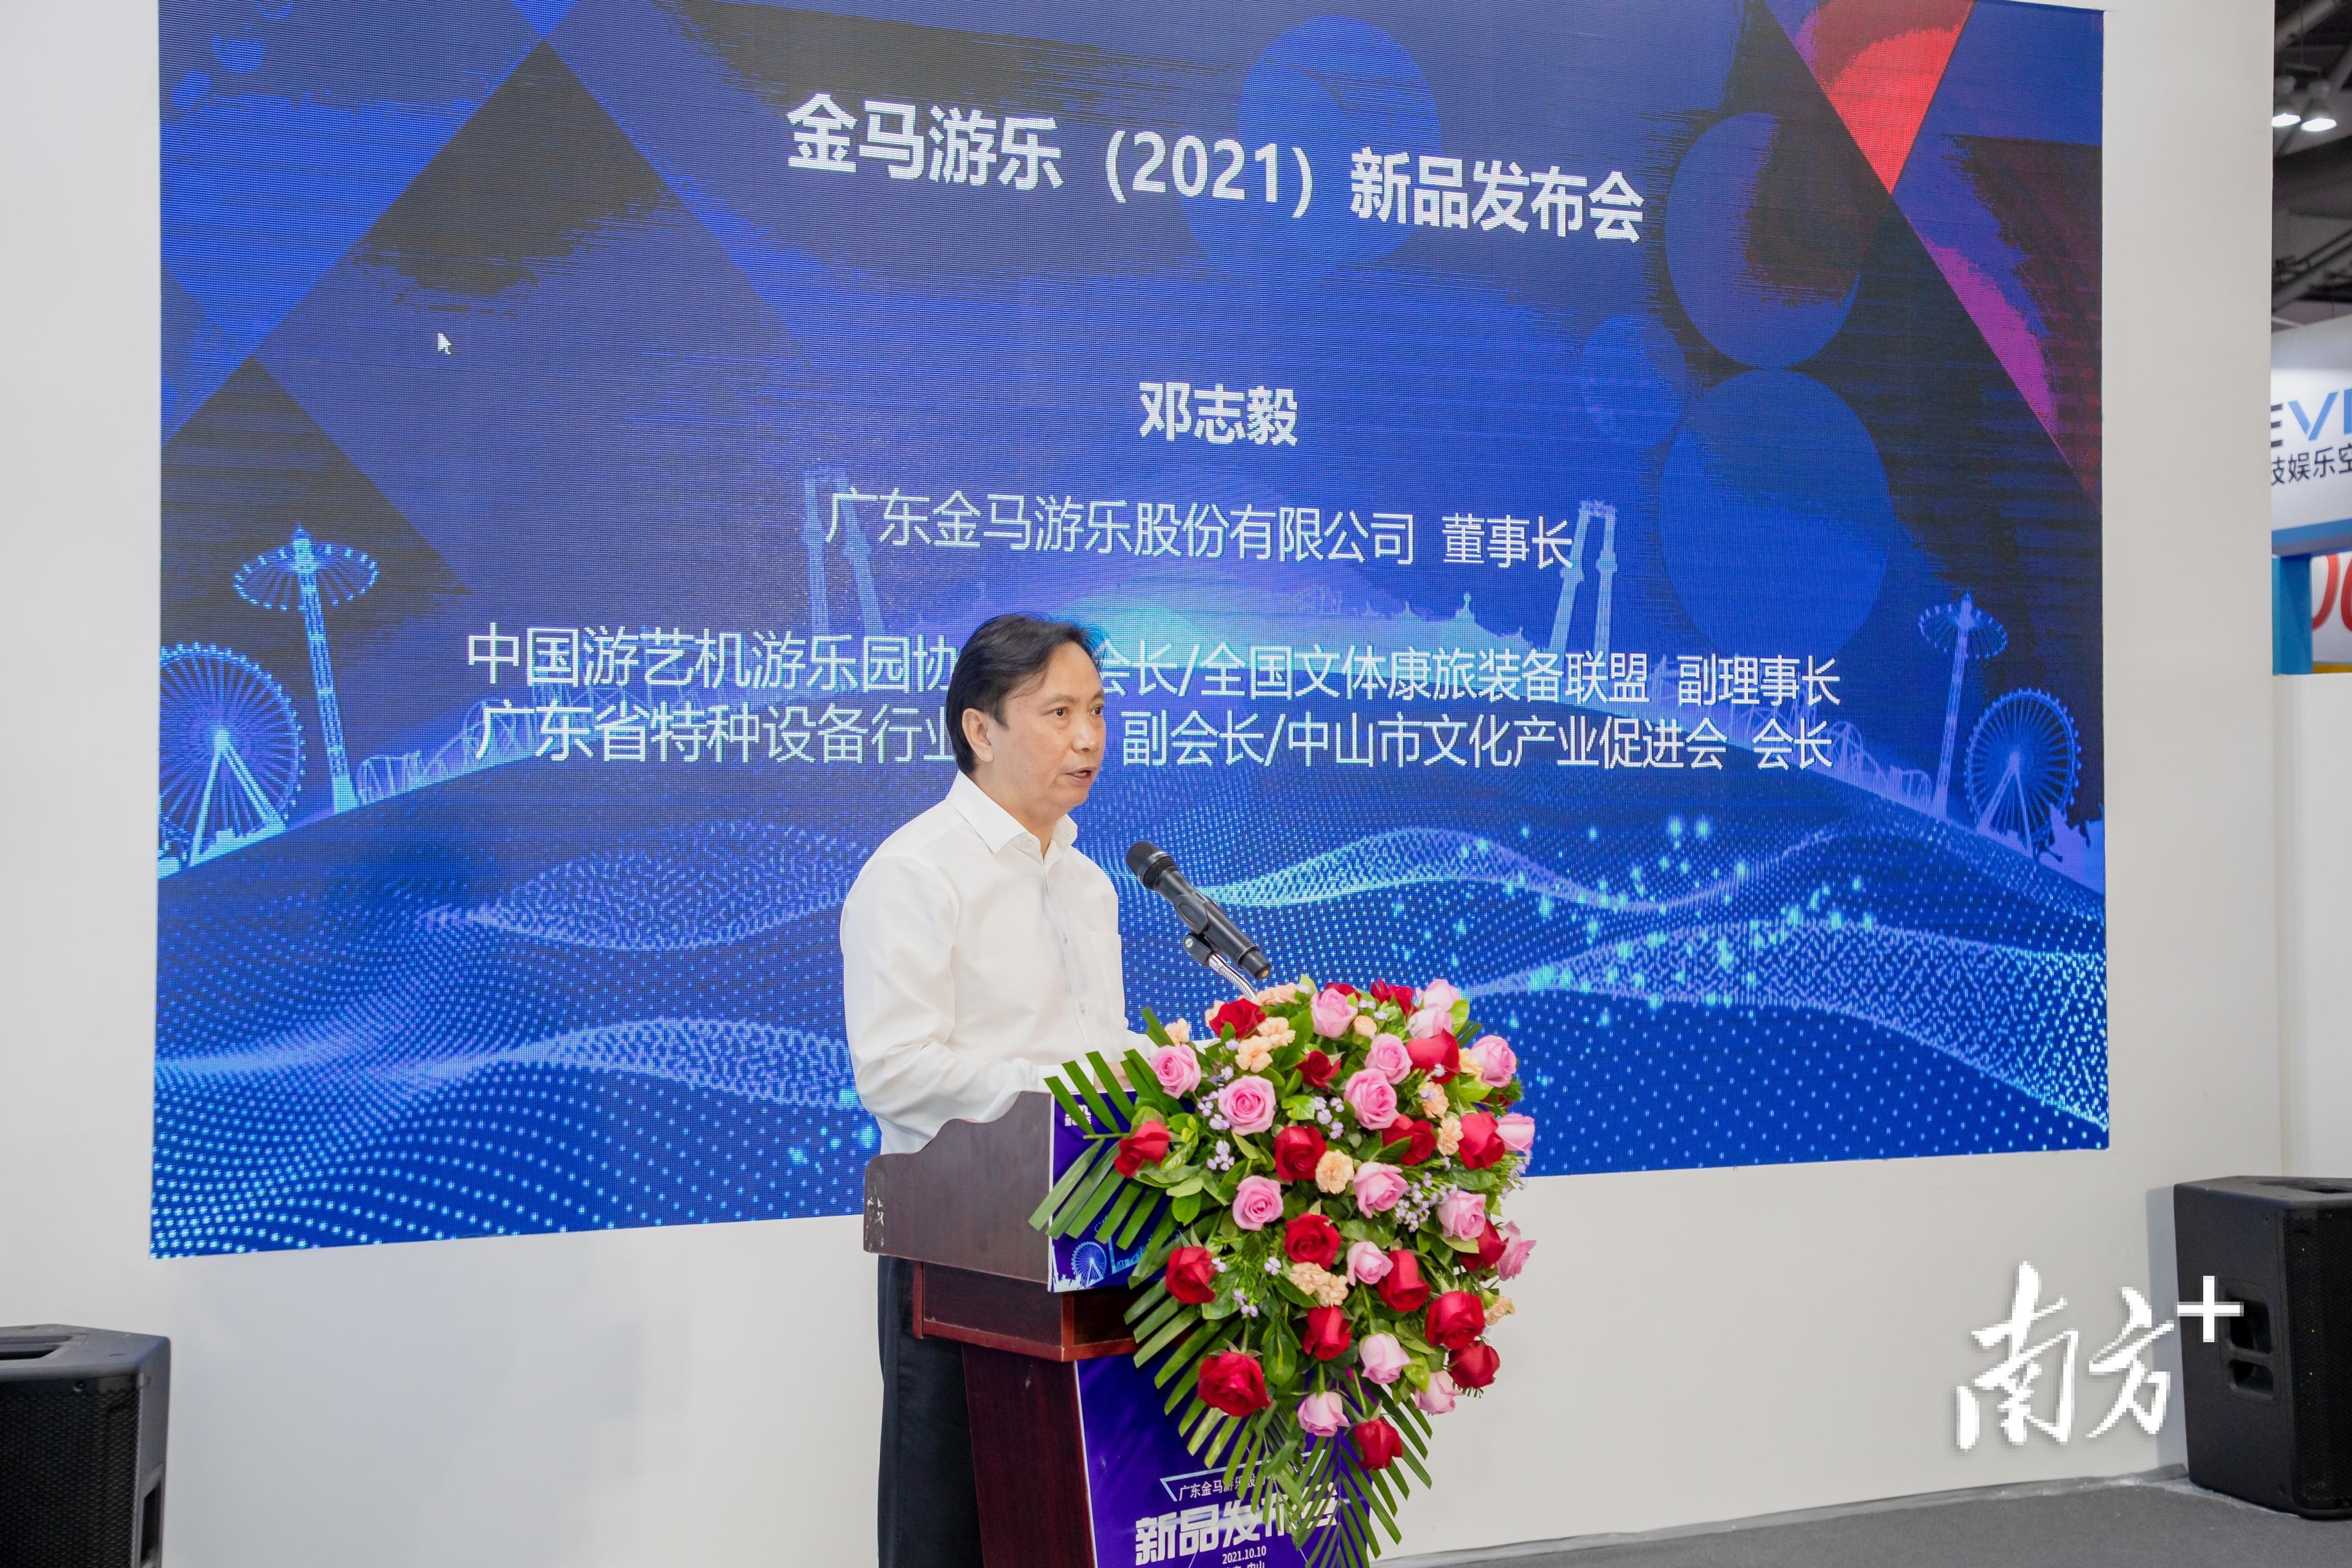 金马游乐董事长邓志毅致辞。 邓韵姿 供图